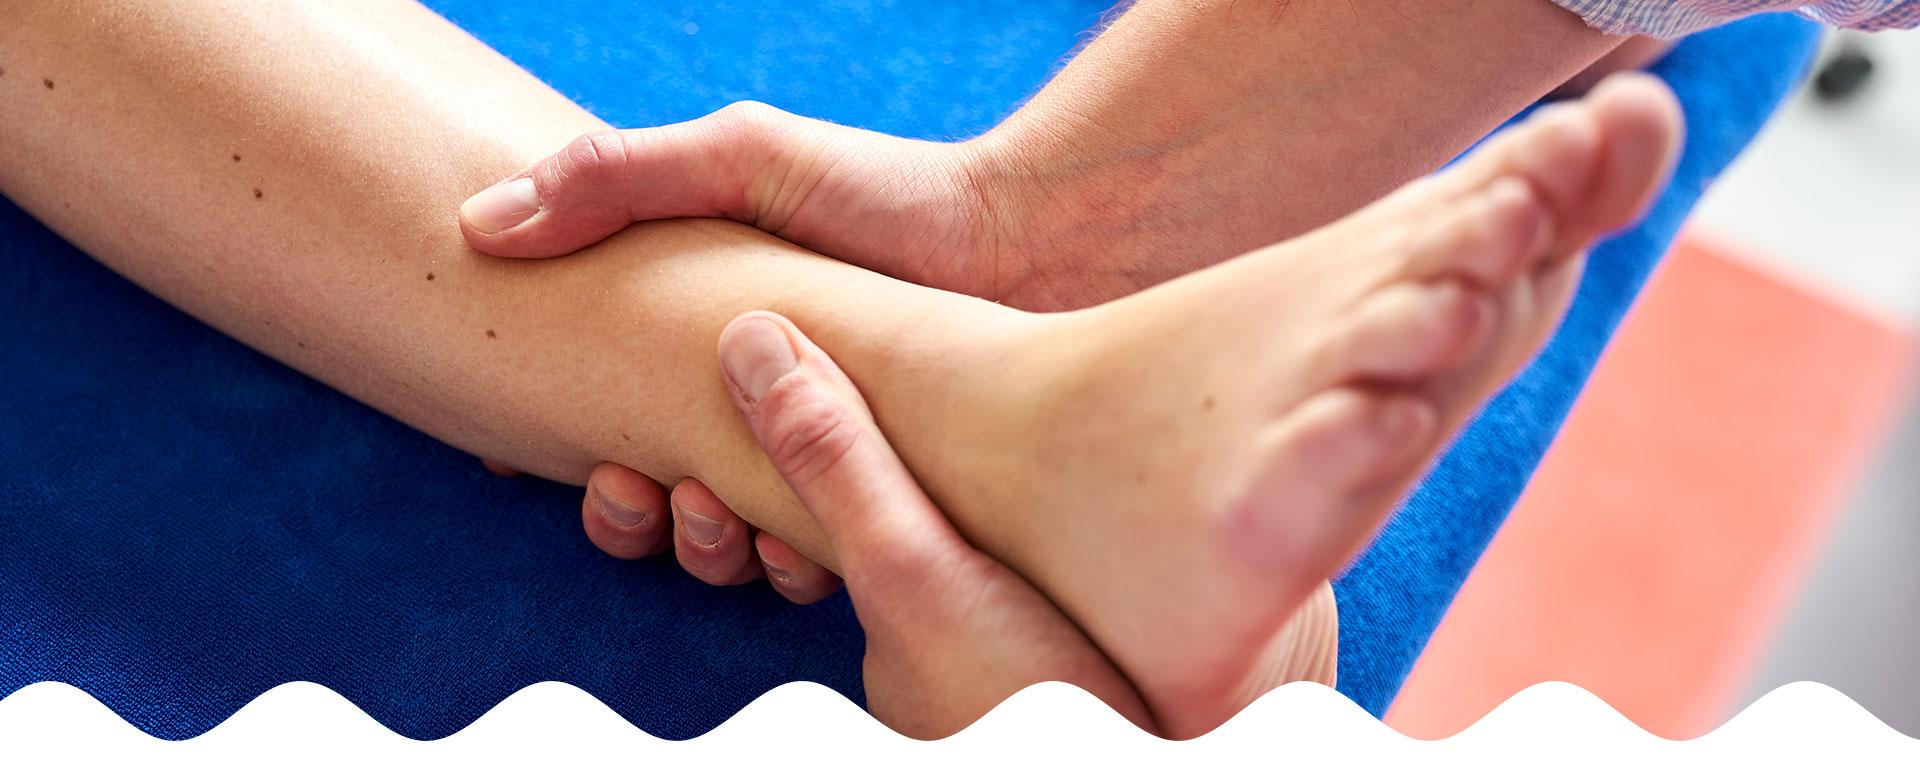 Behandeling van enkel door fysiotherapeut | Fysio Stenia Zeist